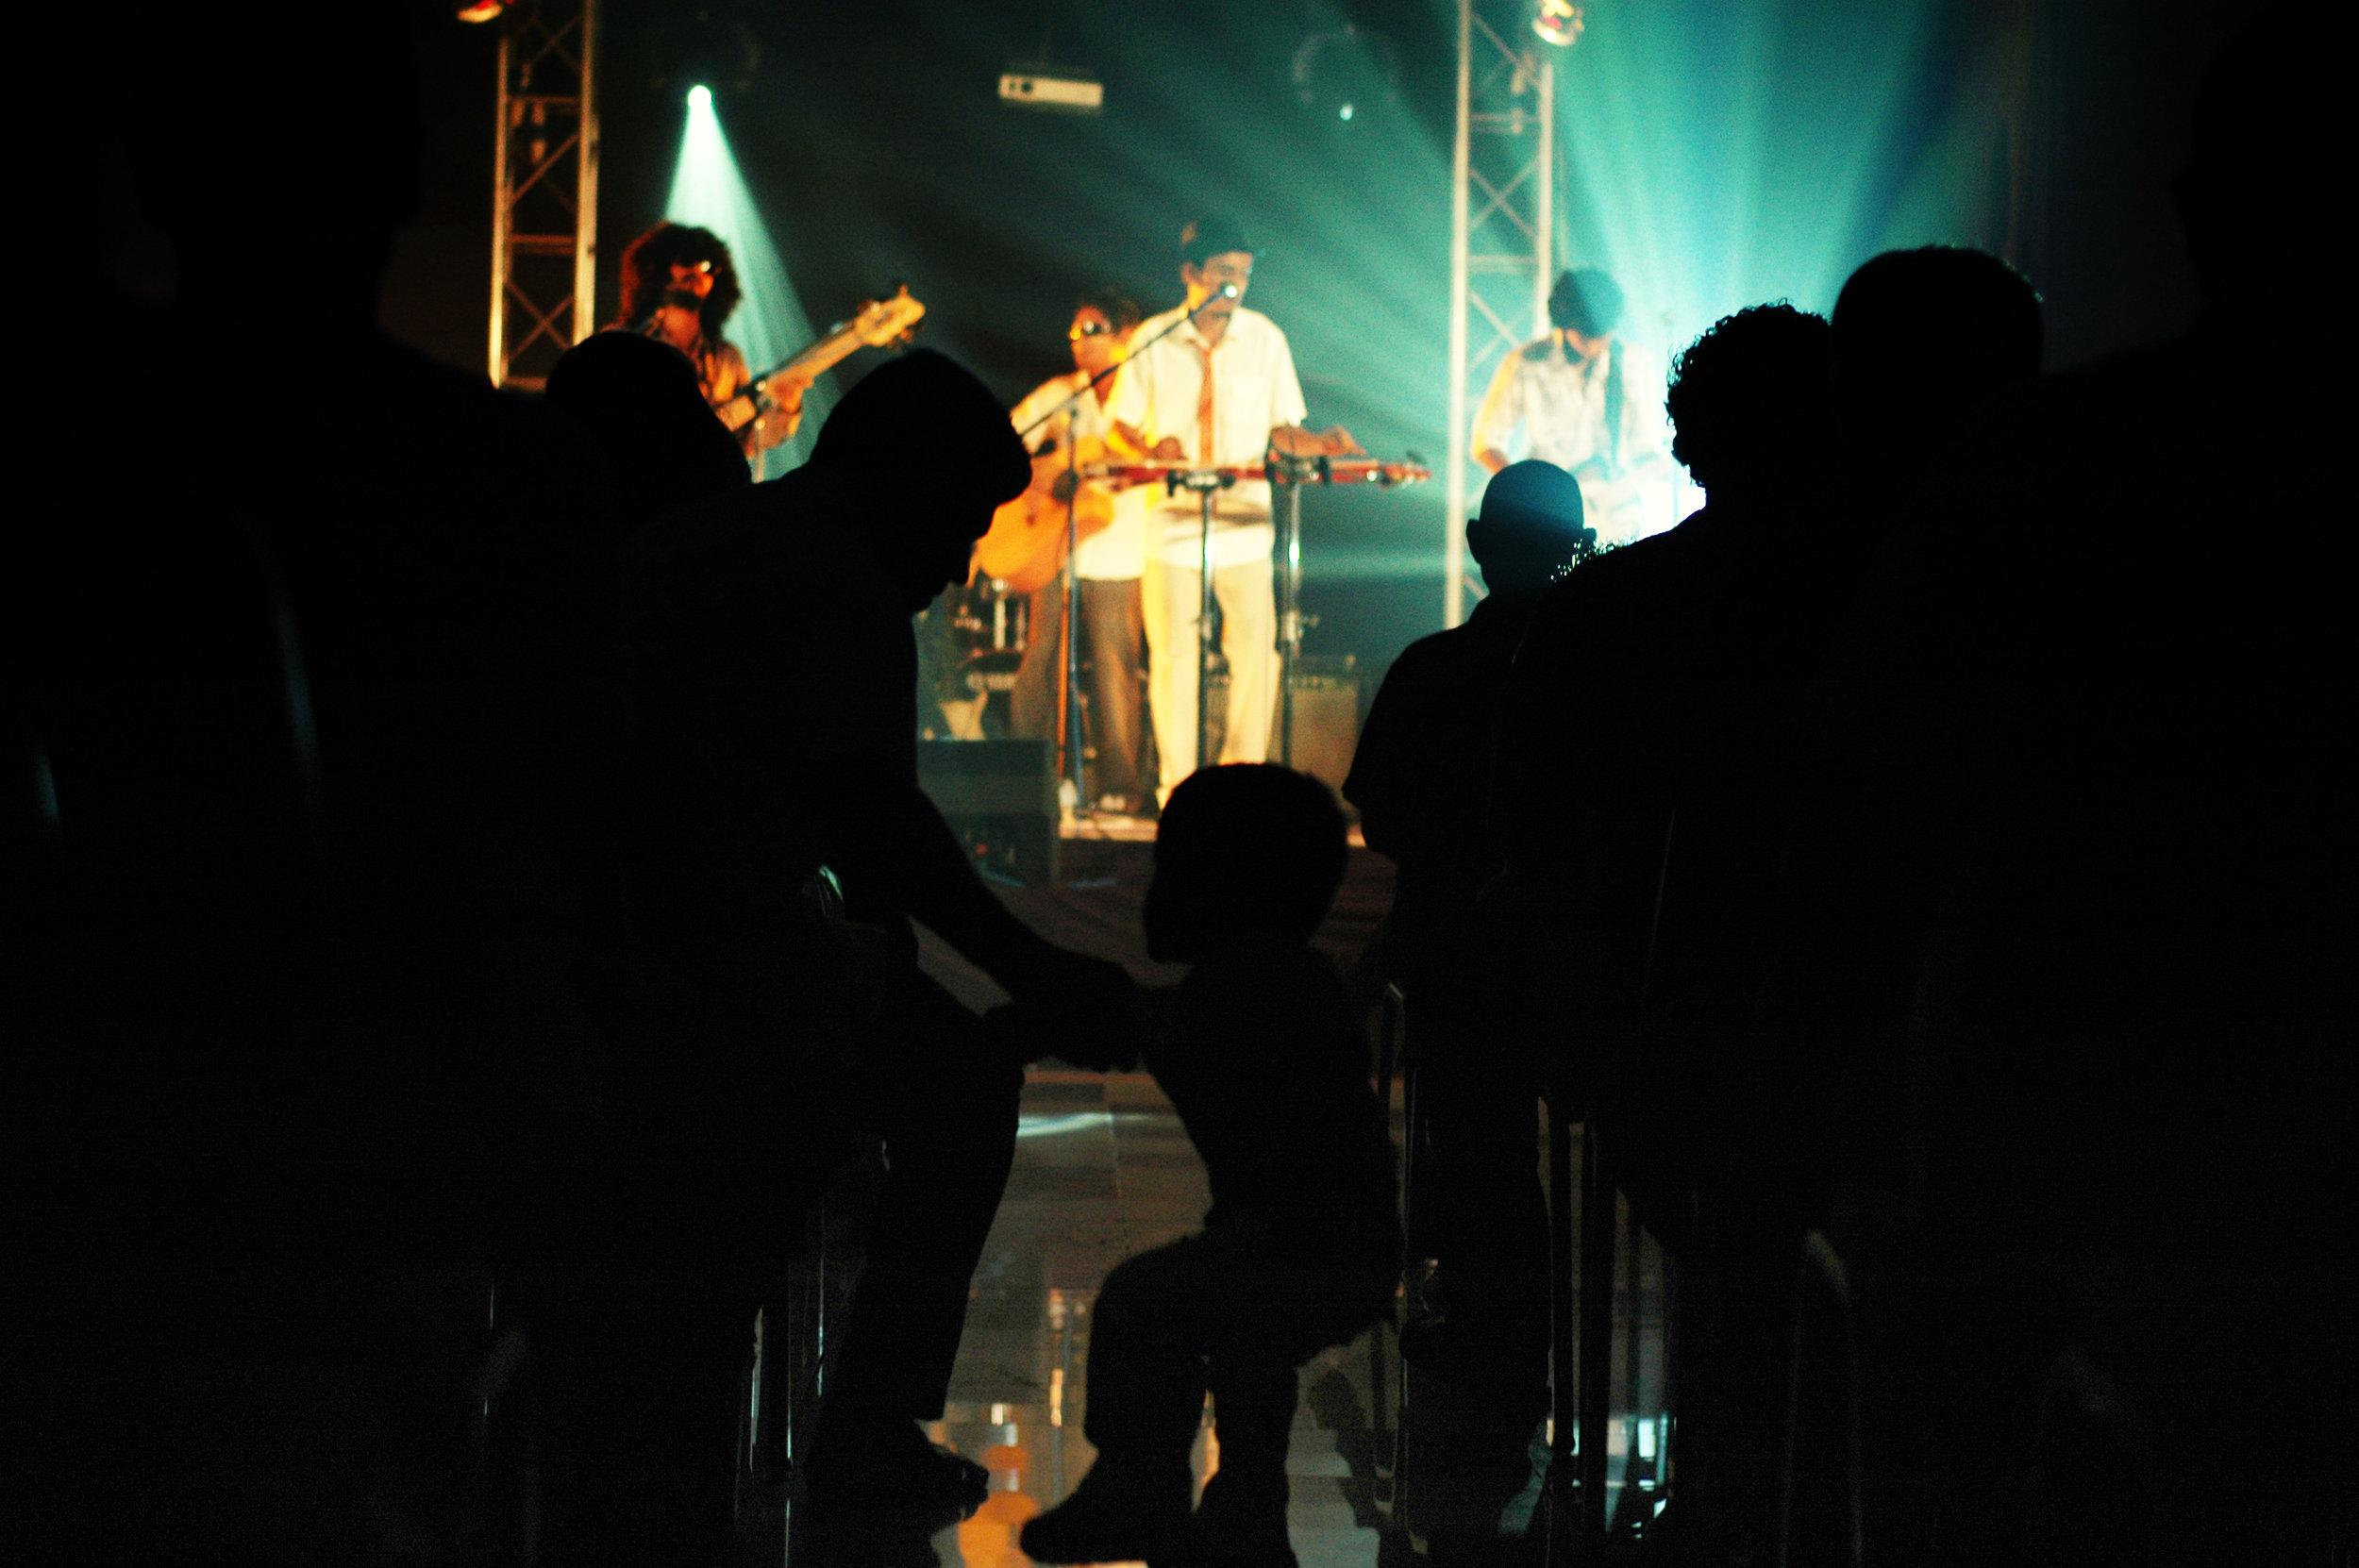 2009-08-19 - Male' City - Dharubaaruge' - Eku Ekee Album Launch - D70s-8019.jpg